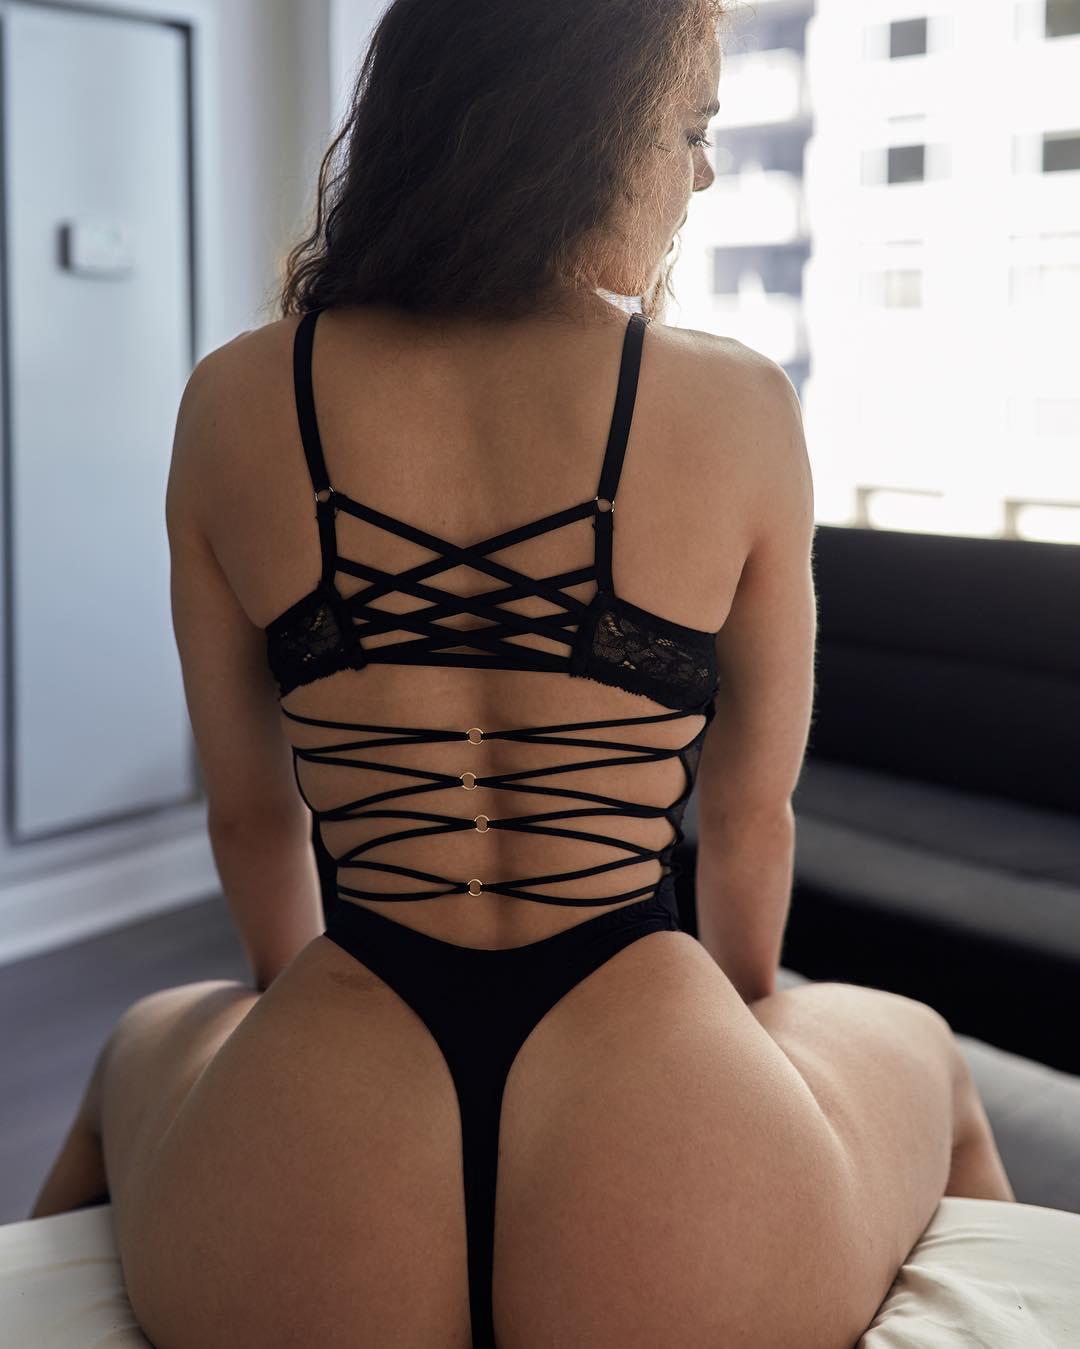 cumming Babe panties voyeur